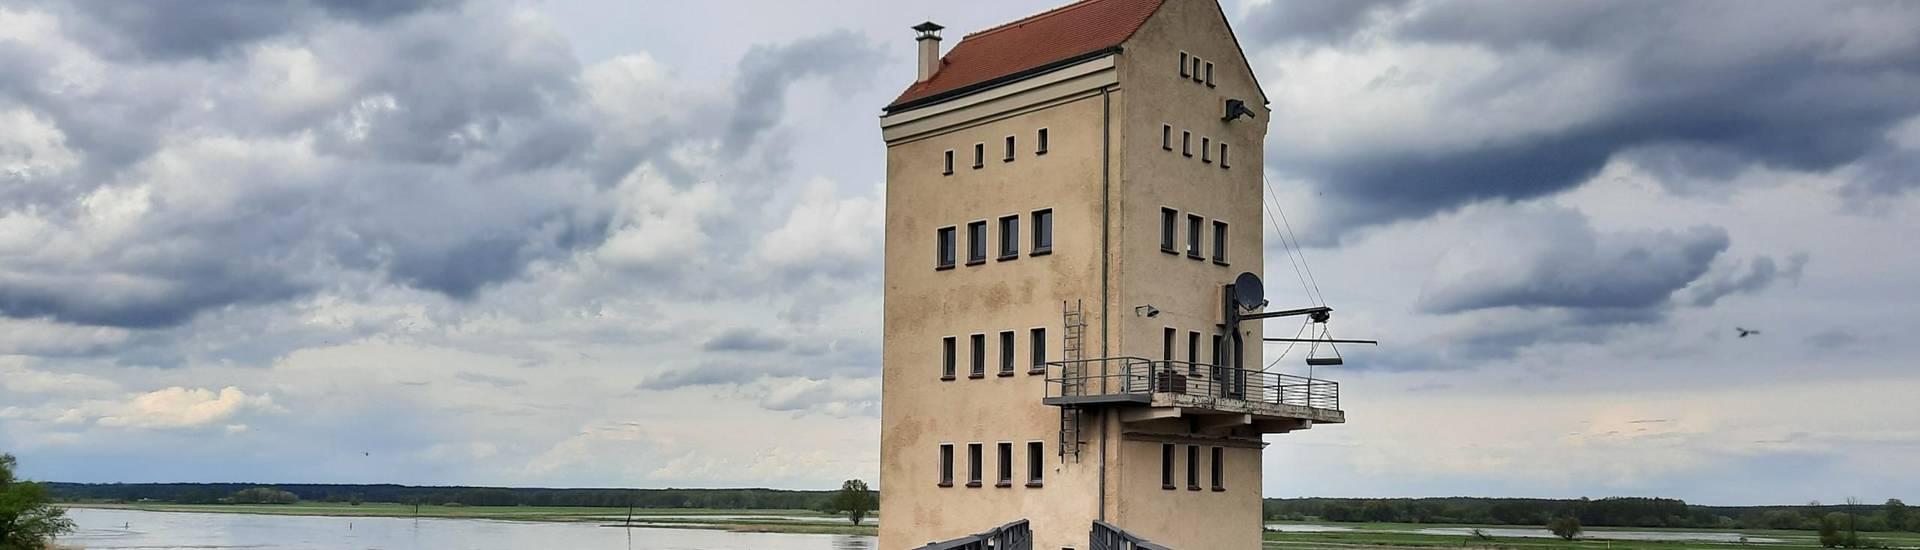 kulturhafen groß neuendorf